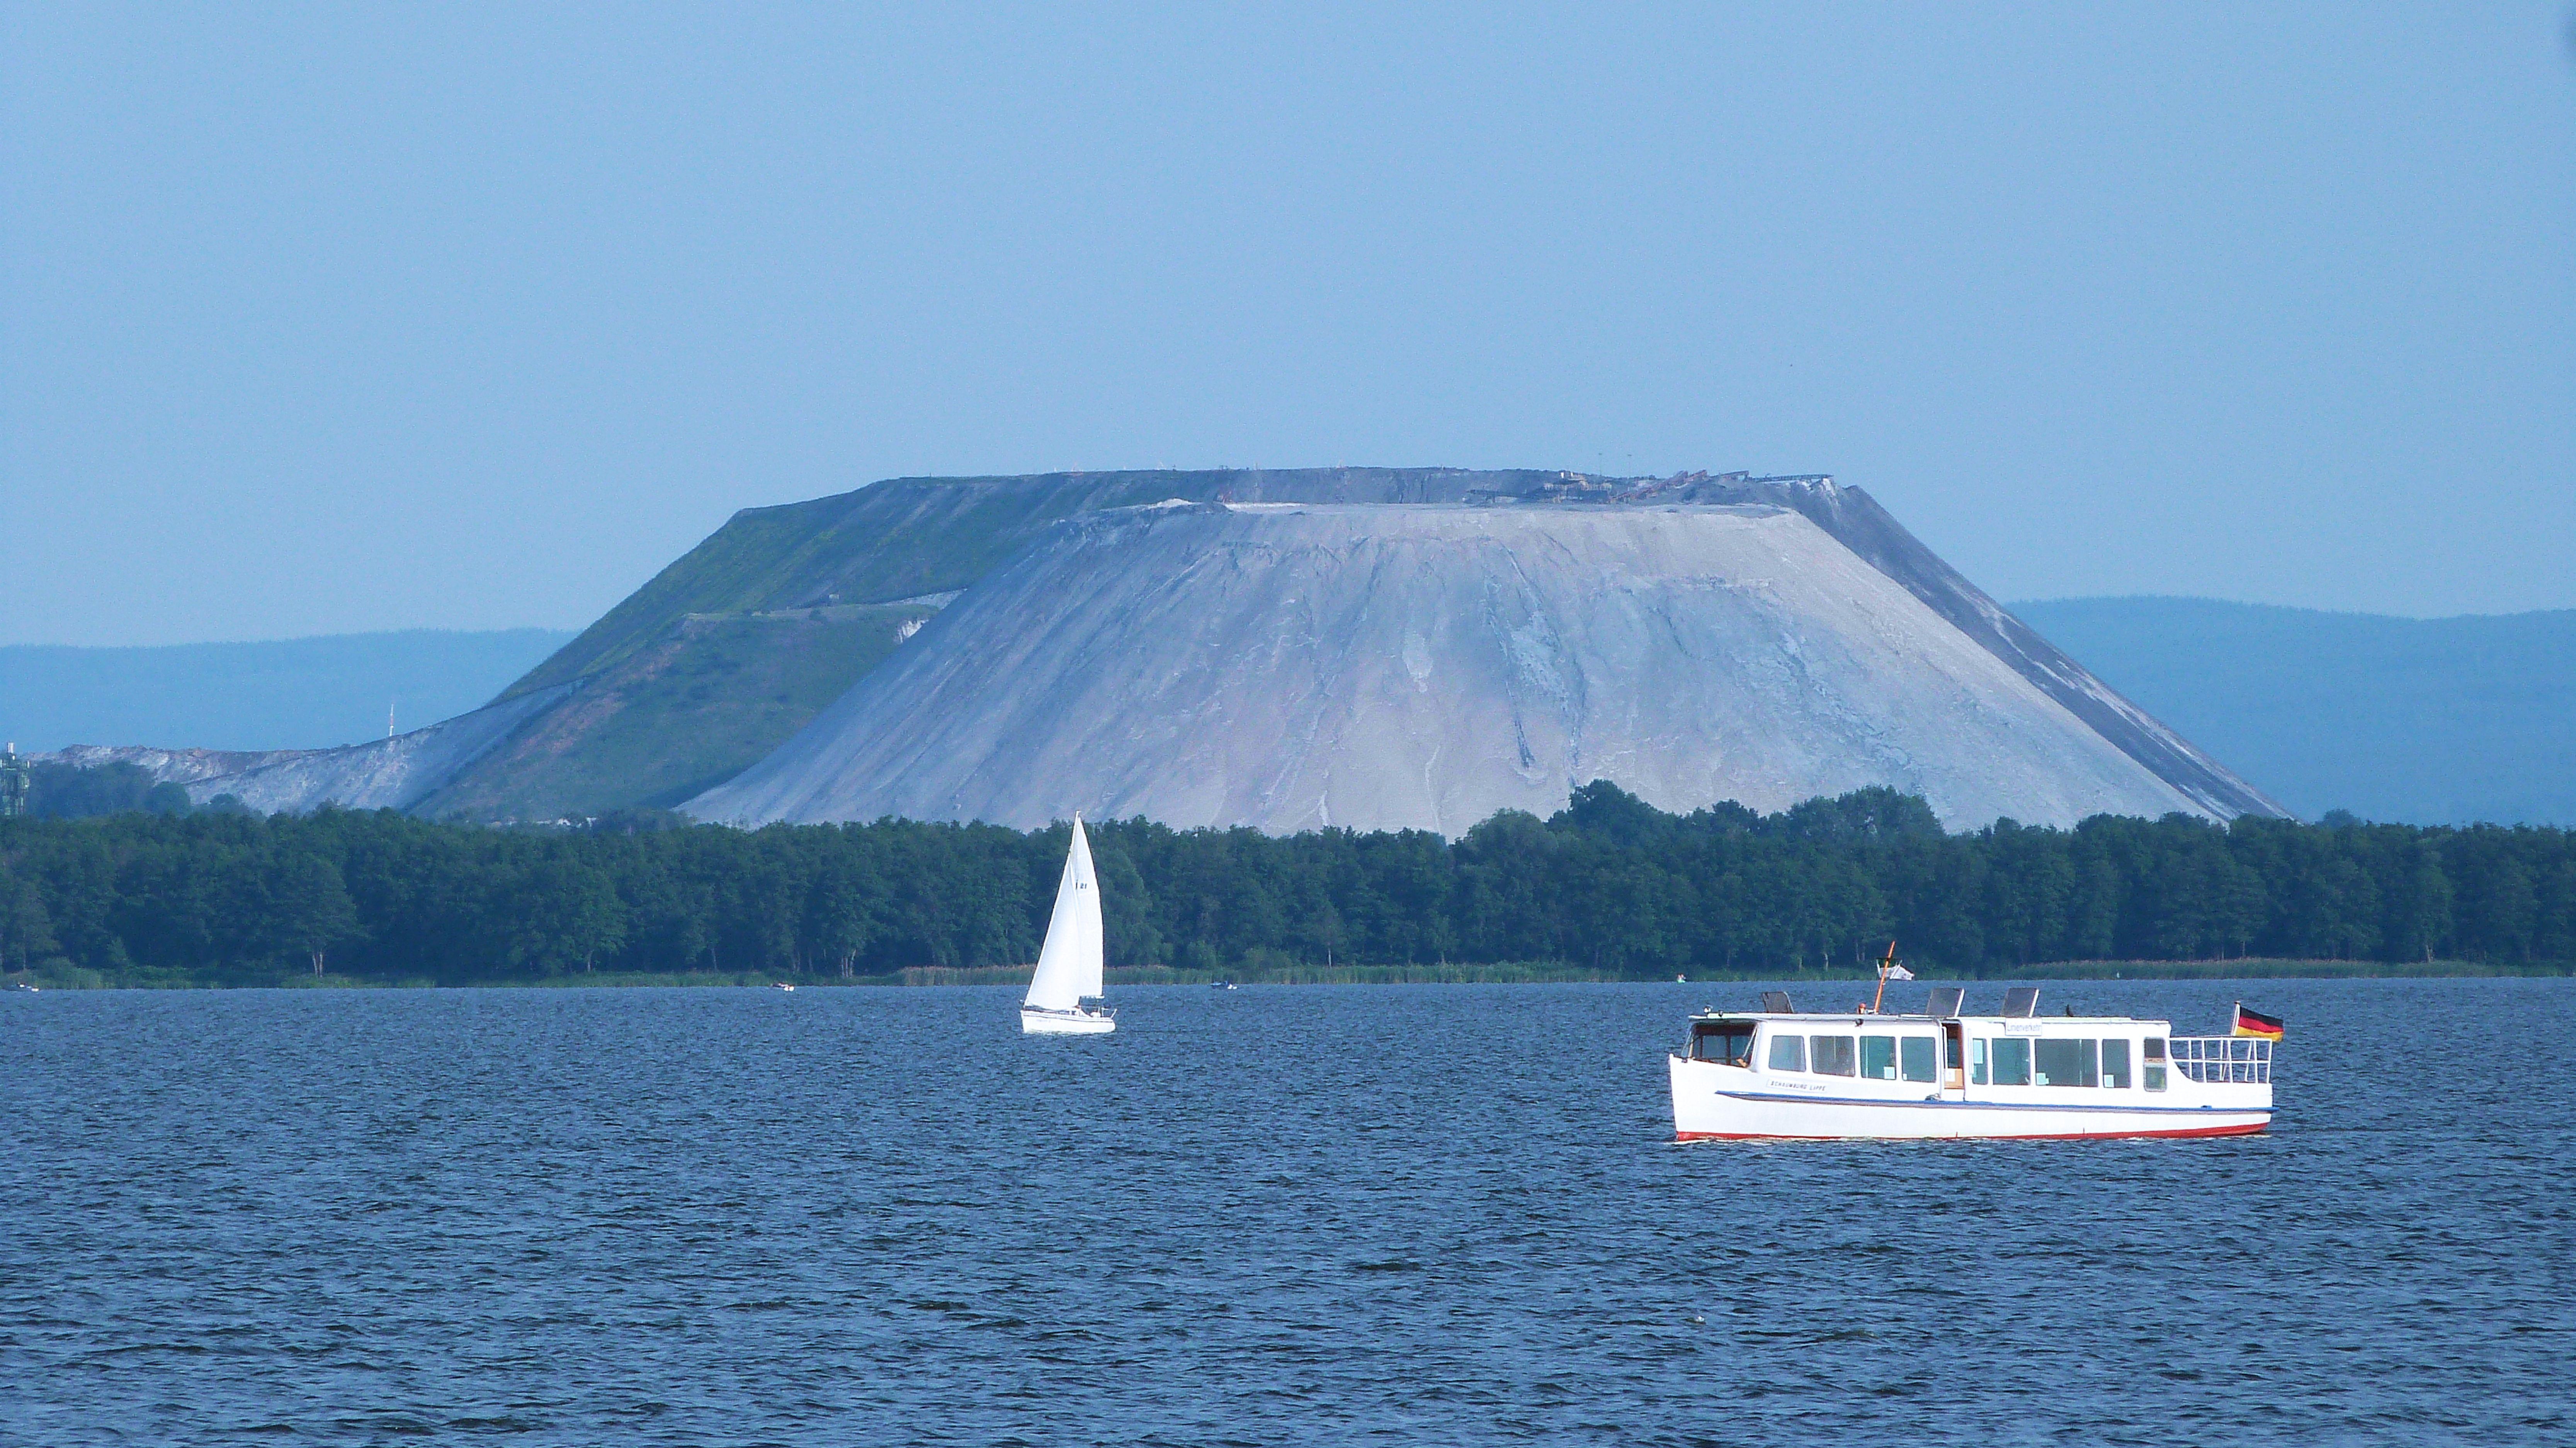 fsg-schaumburg-lippe-personenschifffahrt-kaliberg-nach-mardorf